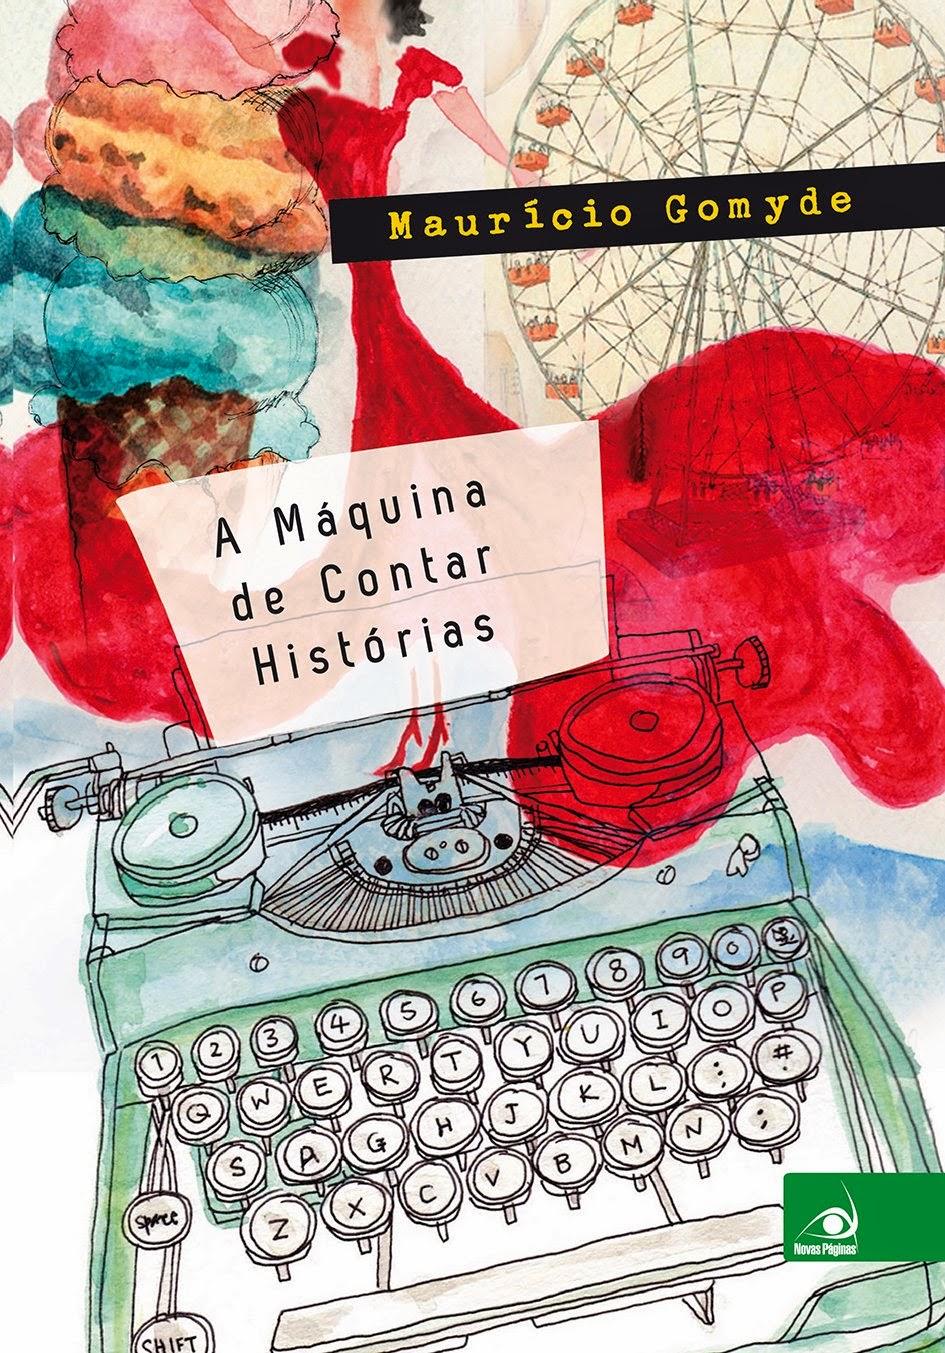 http://www.skoob.com.br/livro/382755